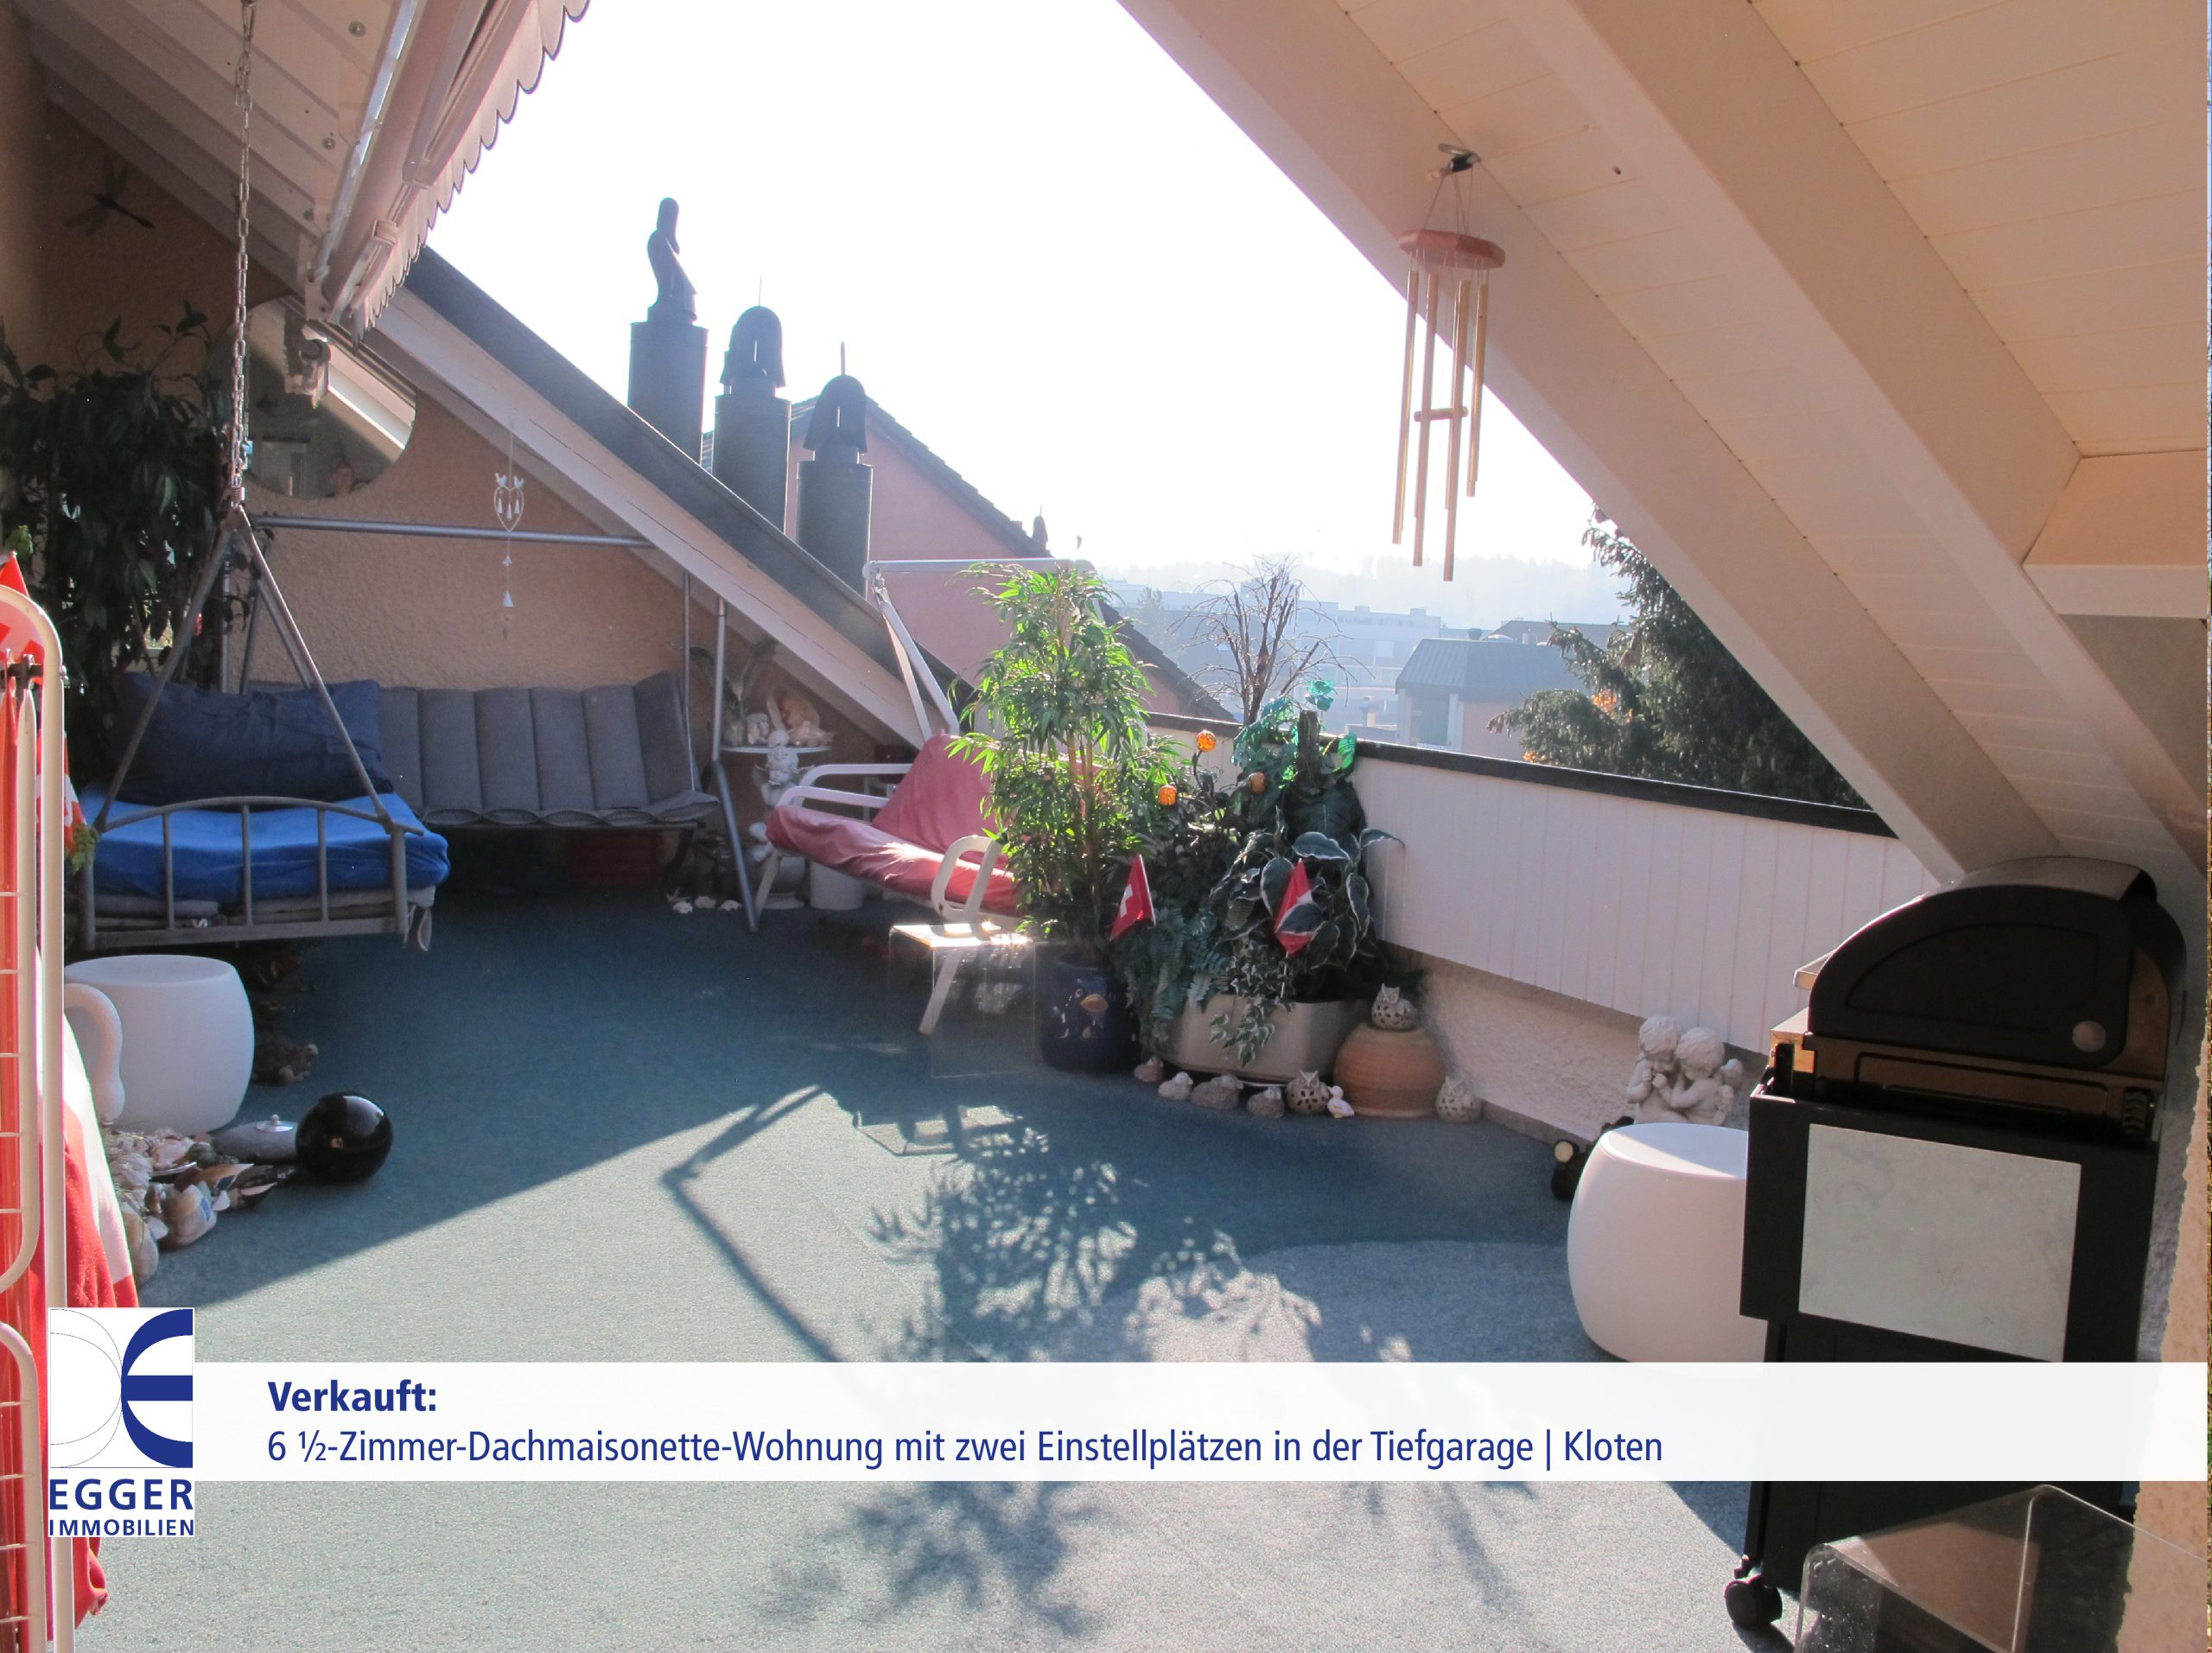 6 1/2-Zimmer-Dachmasionettewohnung mit zwei Tiefgarageneinstellplätzen in Kloten